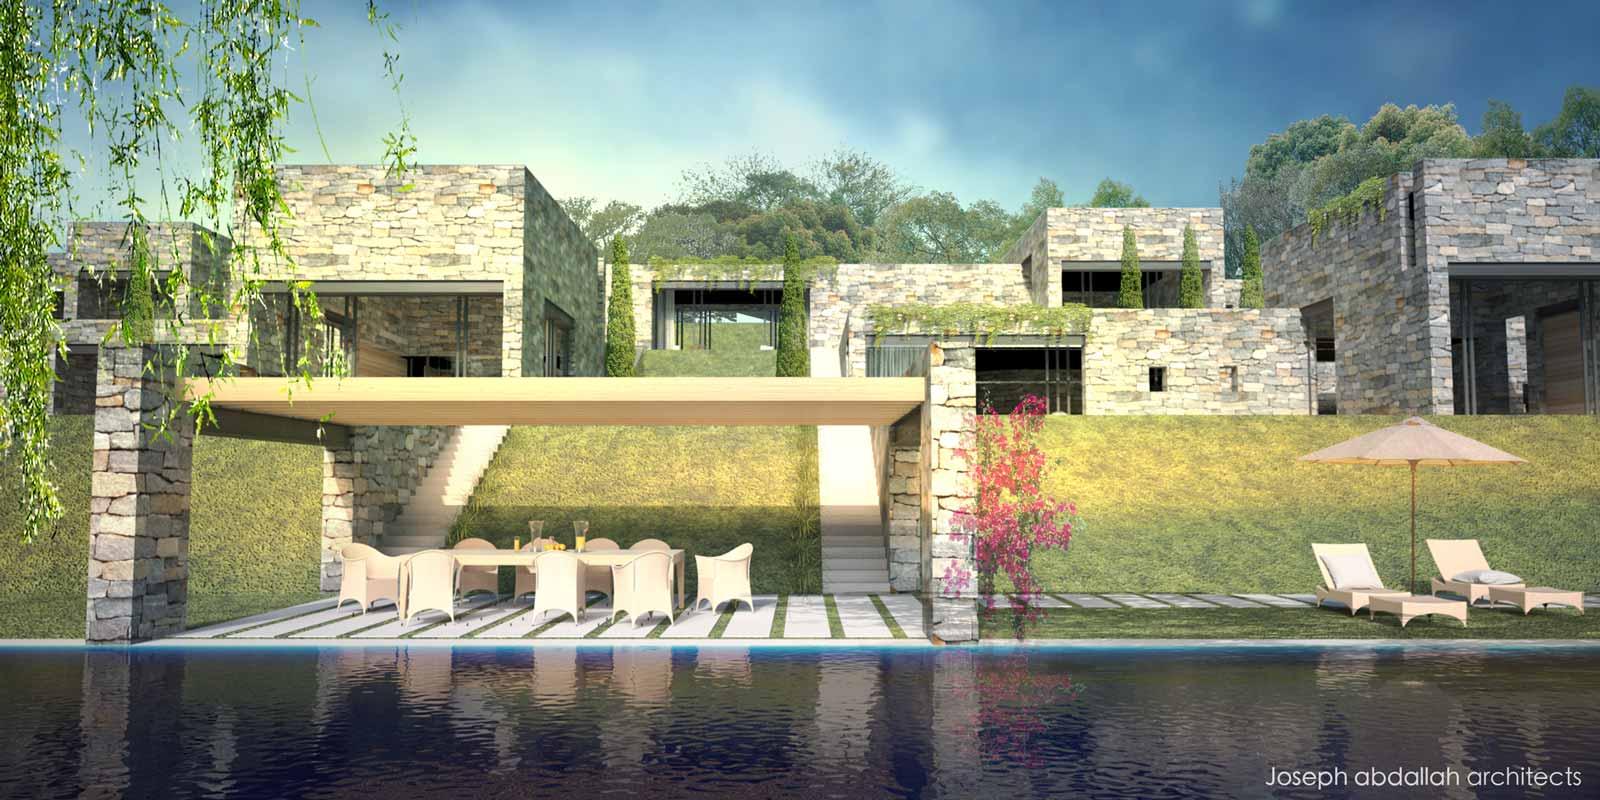 ejbeh-domaine-architecture-villa-lebanon-joseph-abdallah-architects-3